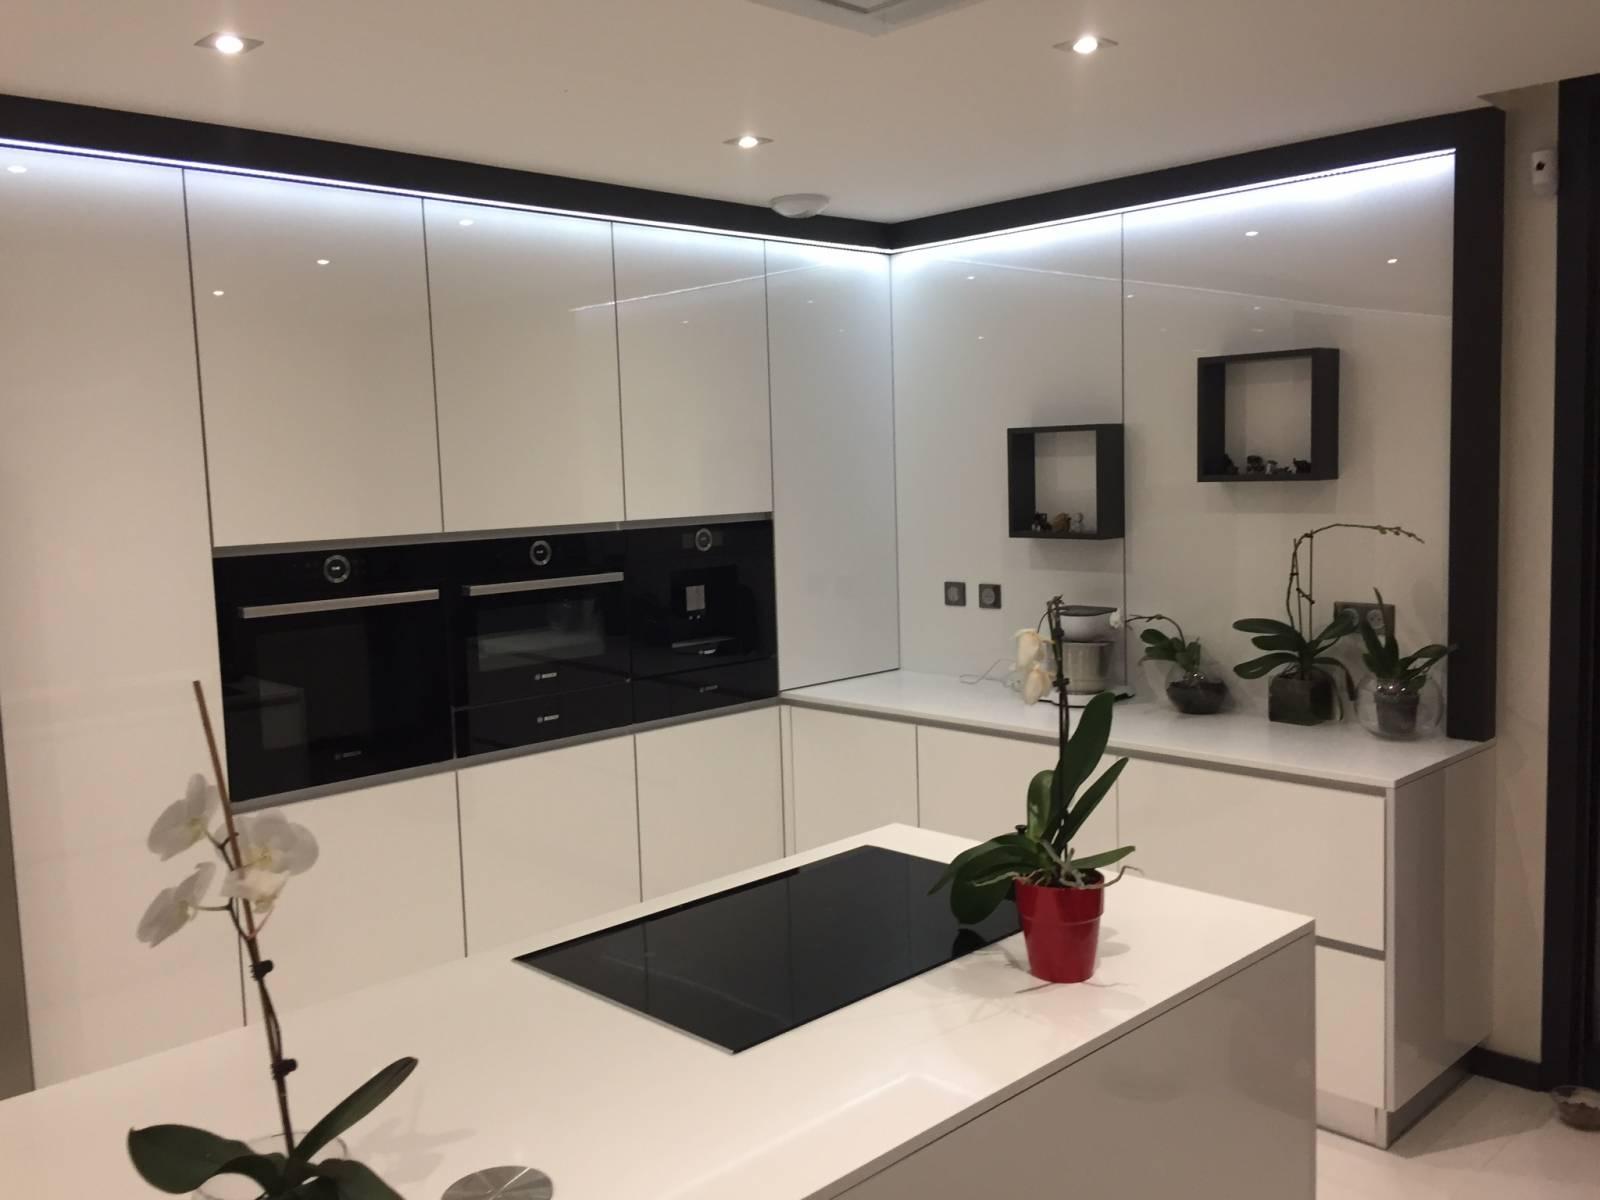 cuisine cachee appartement montpellier meuble structurant une cuisine cache dans un placard. Black Bedroom Furniture Sets. Home Design Ideas